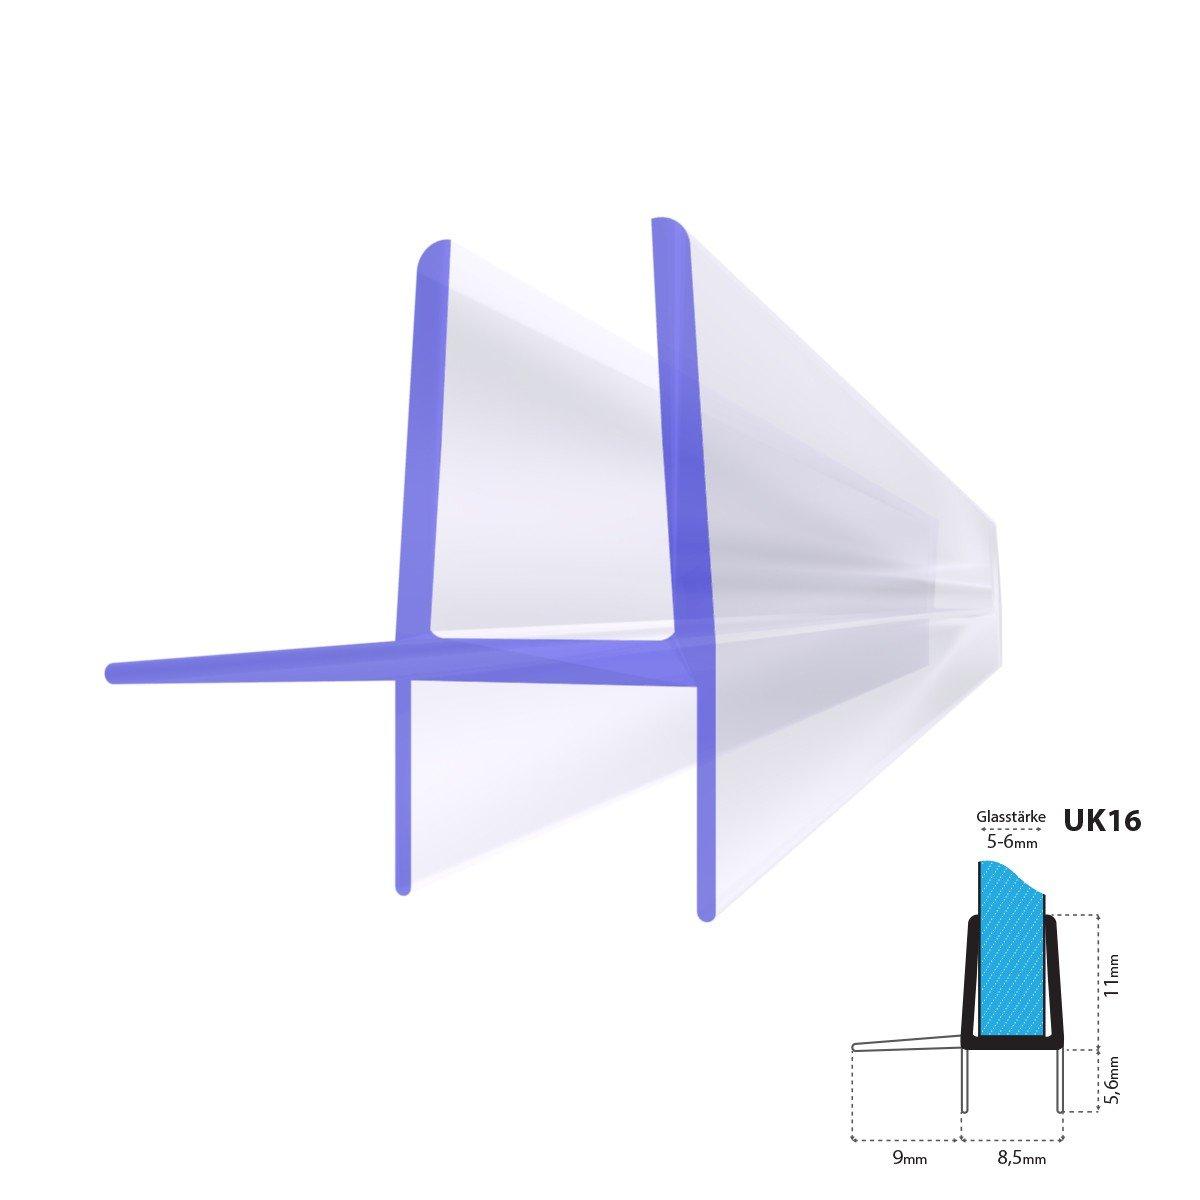 STEIGNER Duschdichtung, 60cm, Glasstä rke 5 mm / 6 mm, Gerade PVC Ersatzdichtung fü r Dusche, UK16 Jumbo Shop 51483693